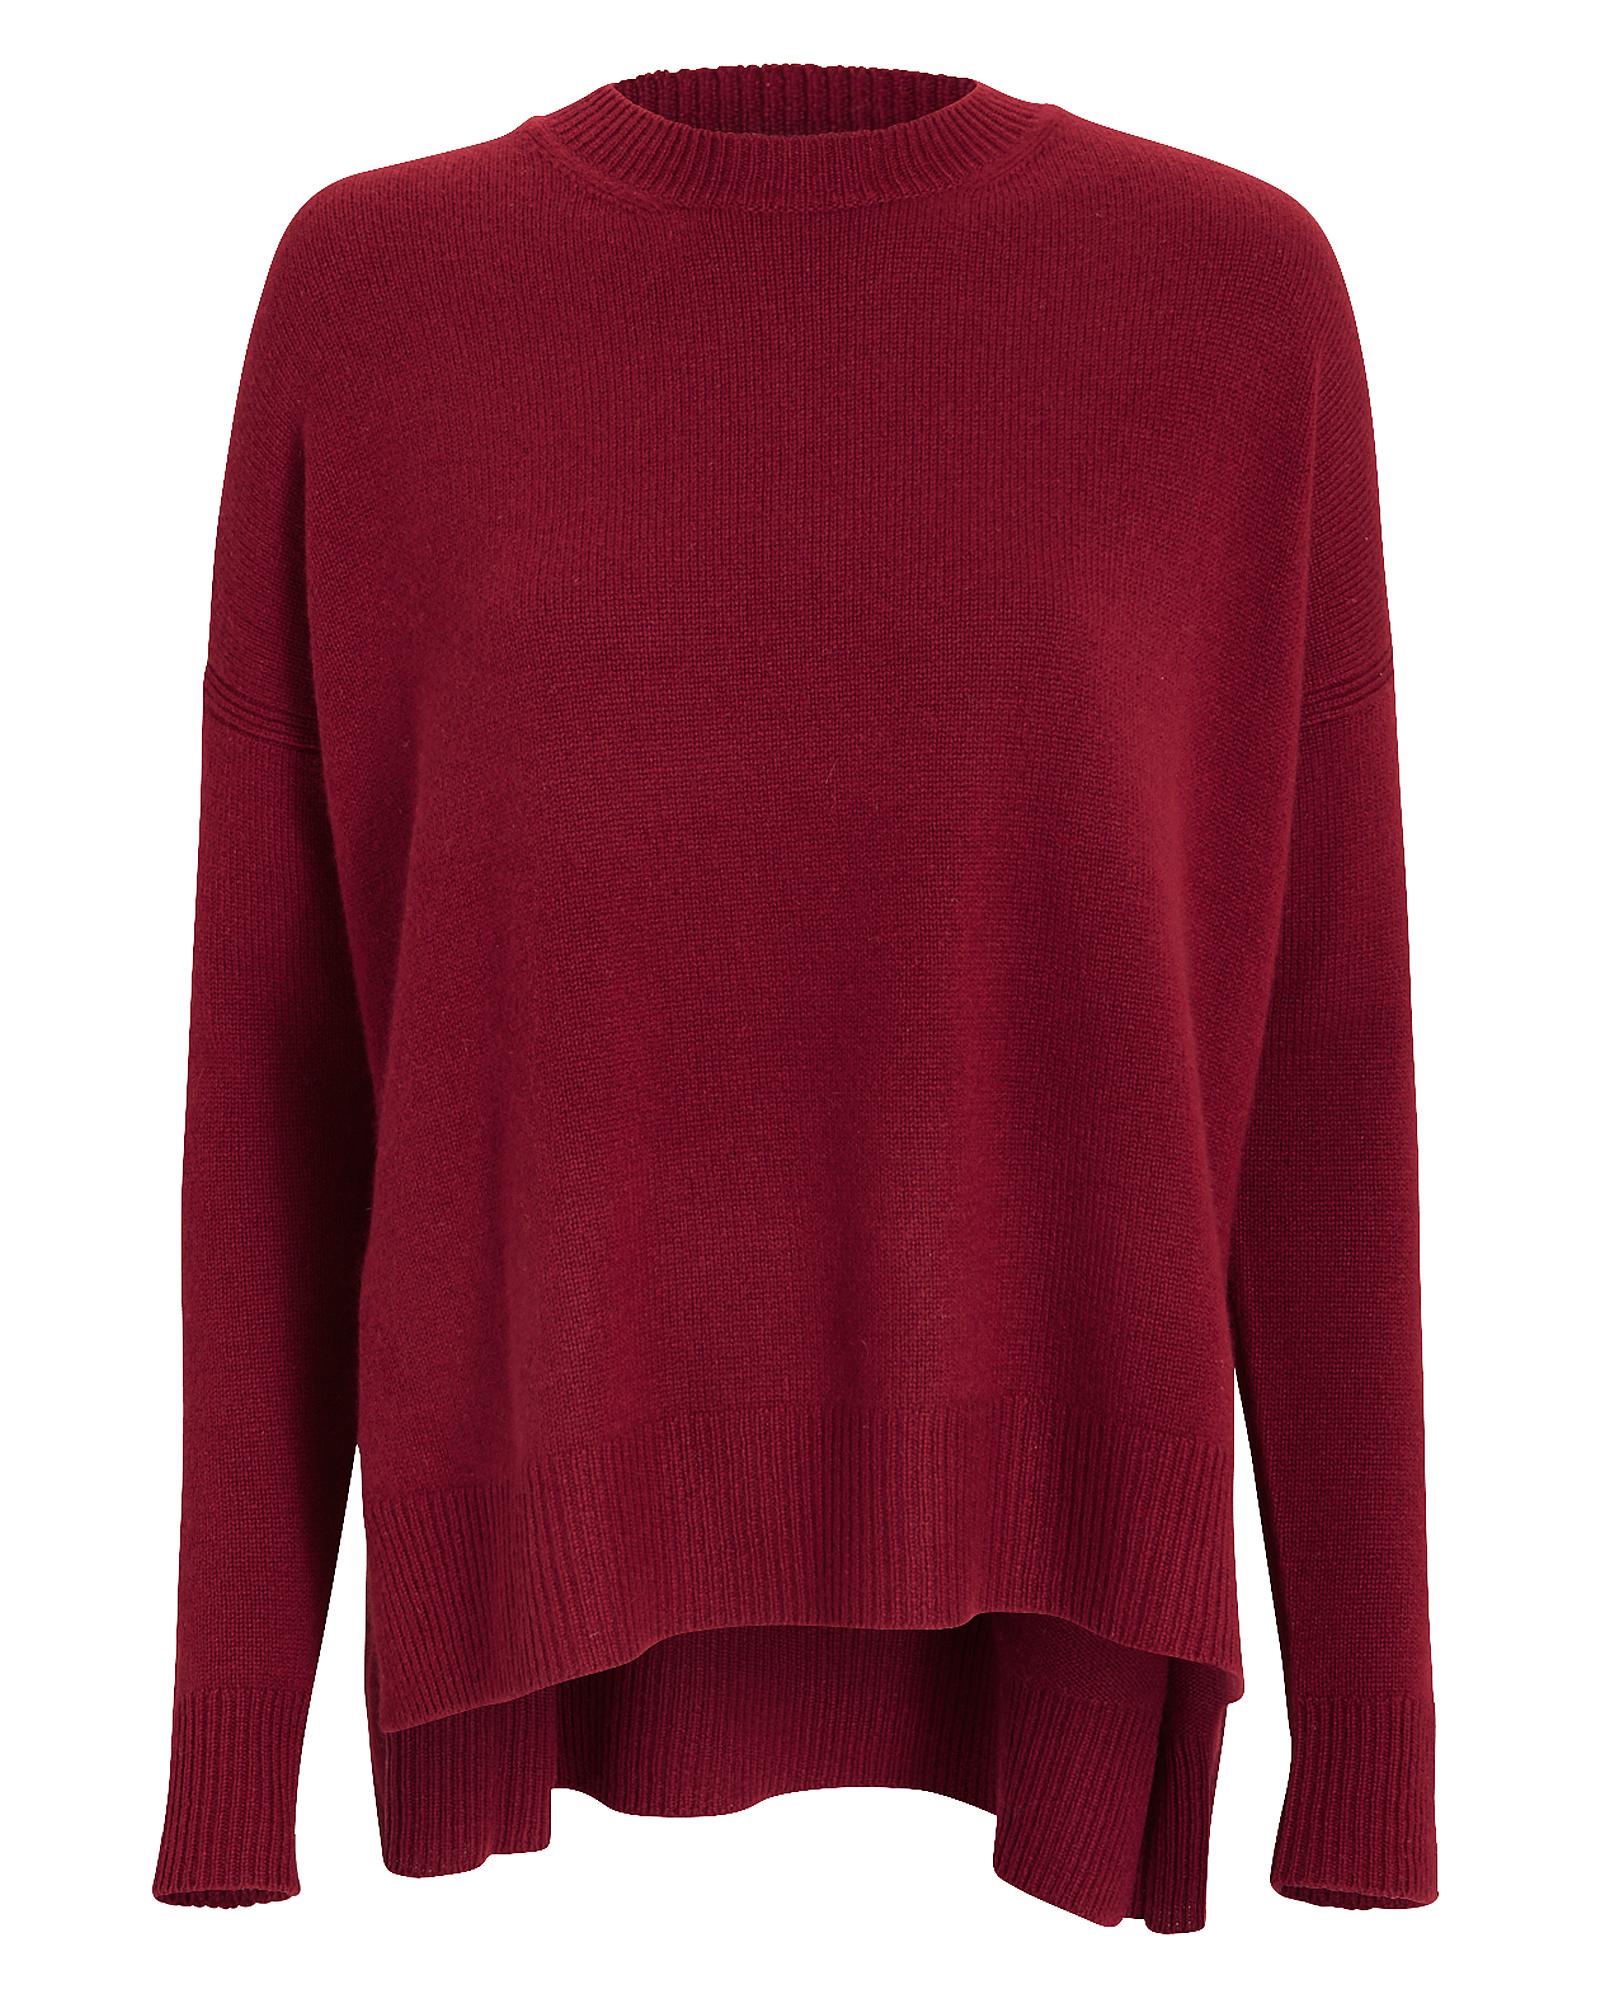 Boxy Cashmere-Blend Sweater